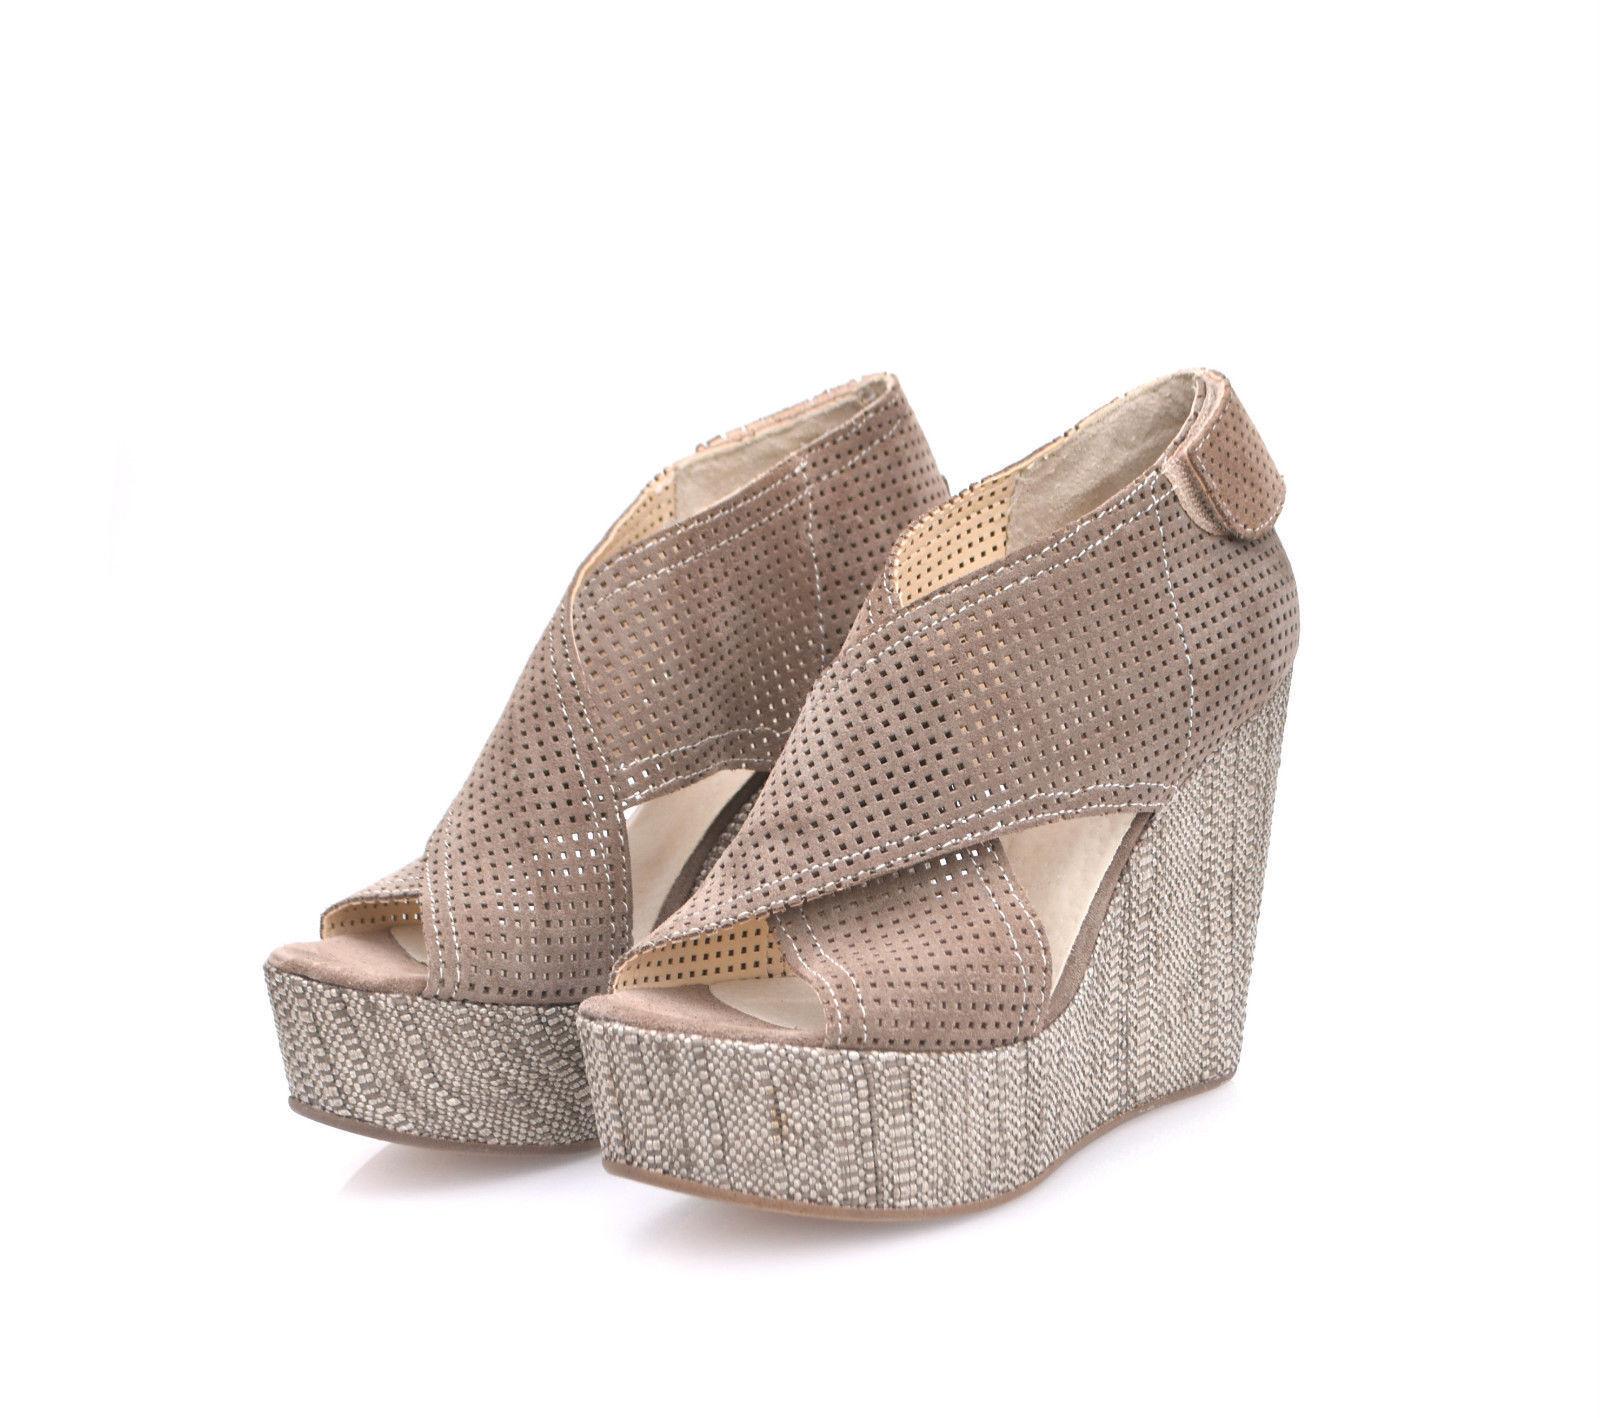 DIVINE FOLLIE Sandalen mit Keilabsatz Platform Wedge Sandals Beige